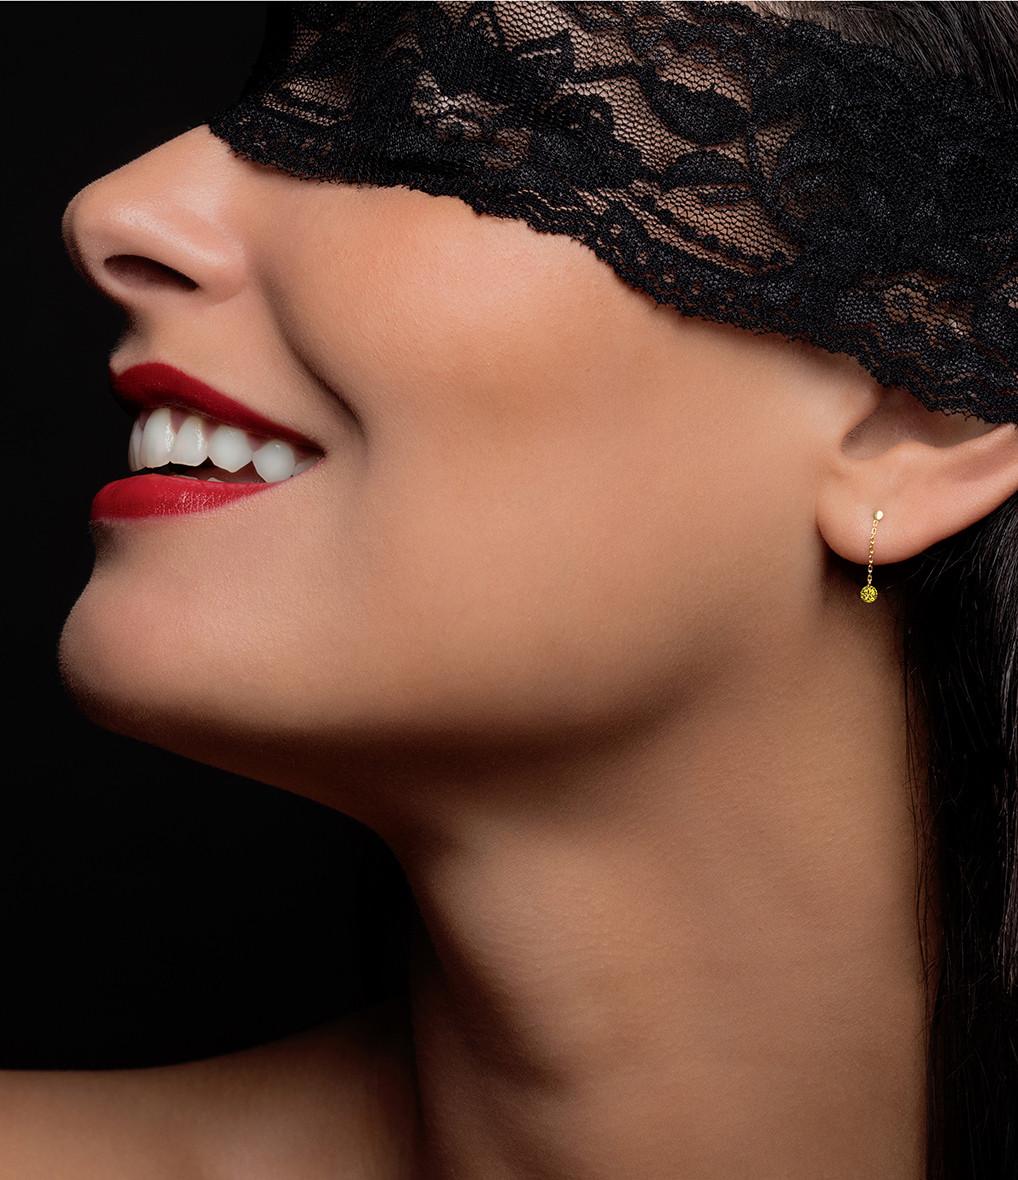 LA BRUNE & LA BLONDE - Boucles d'oreilles Confetti Saphir Jaune Or Jaune